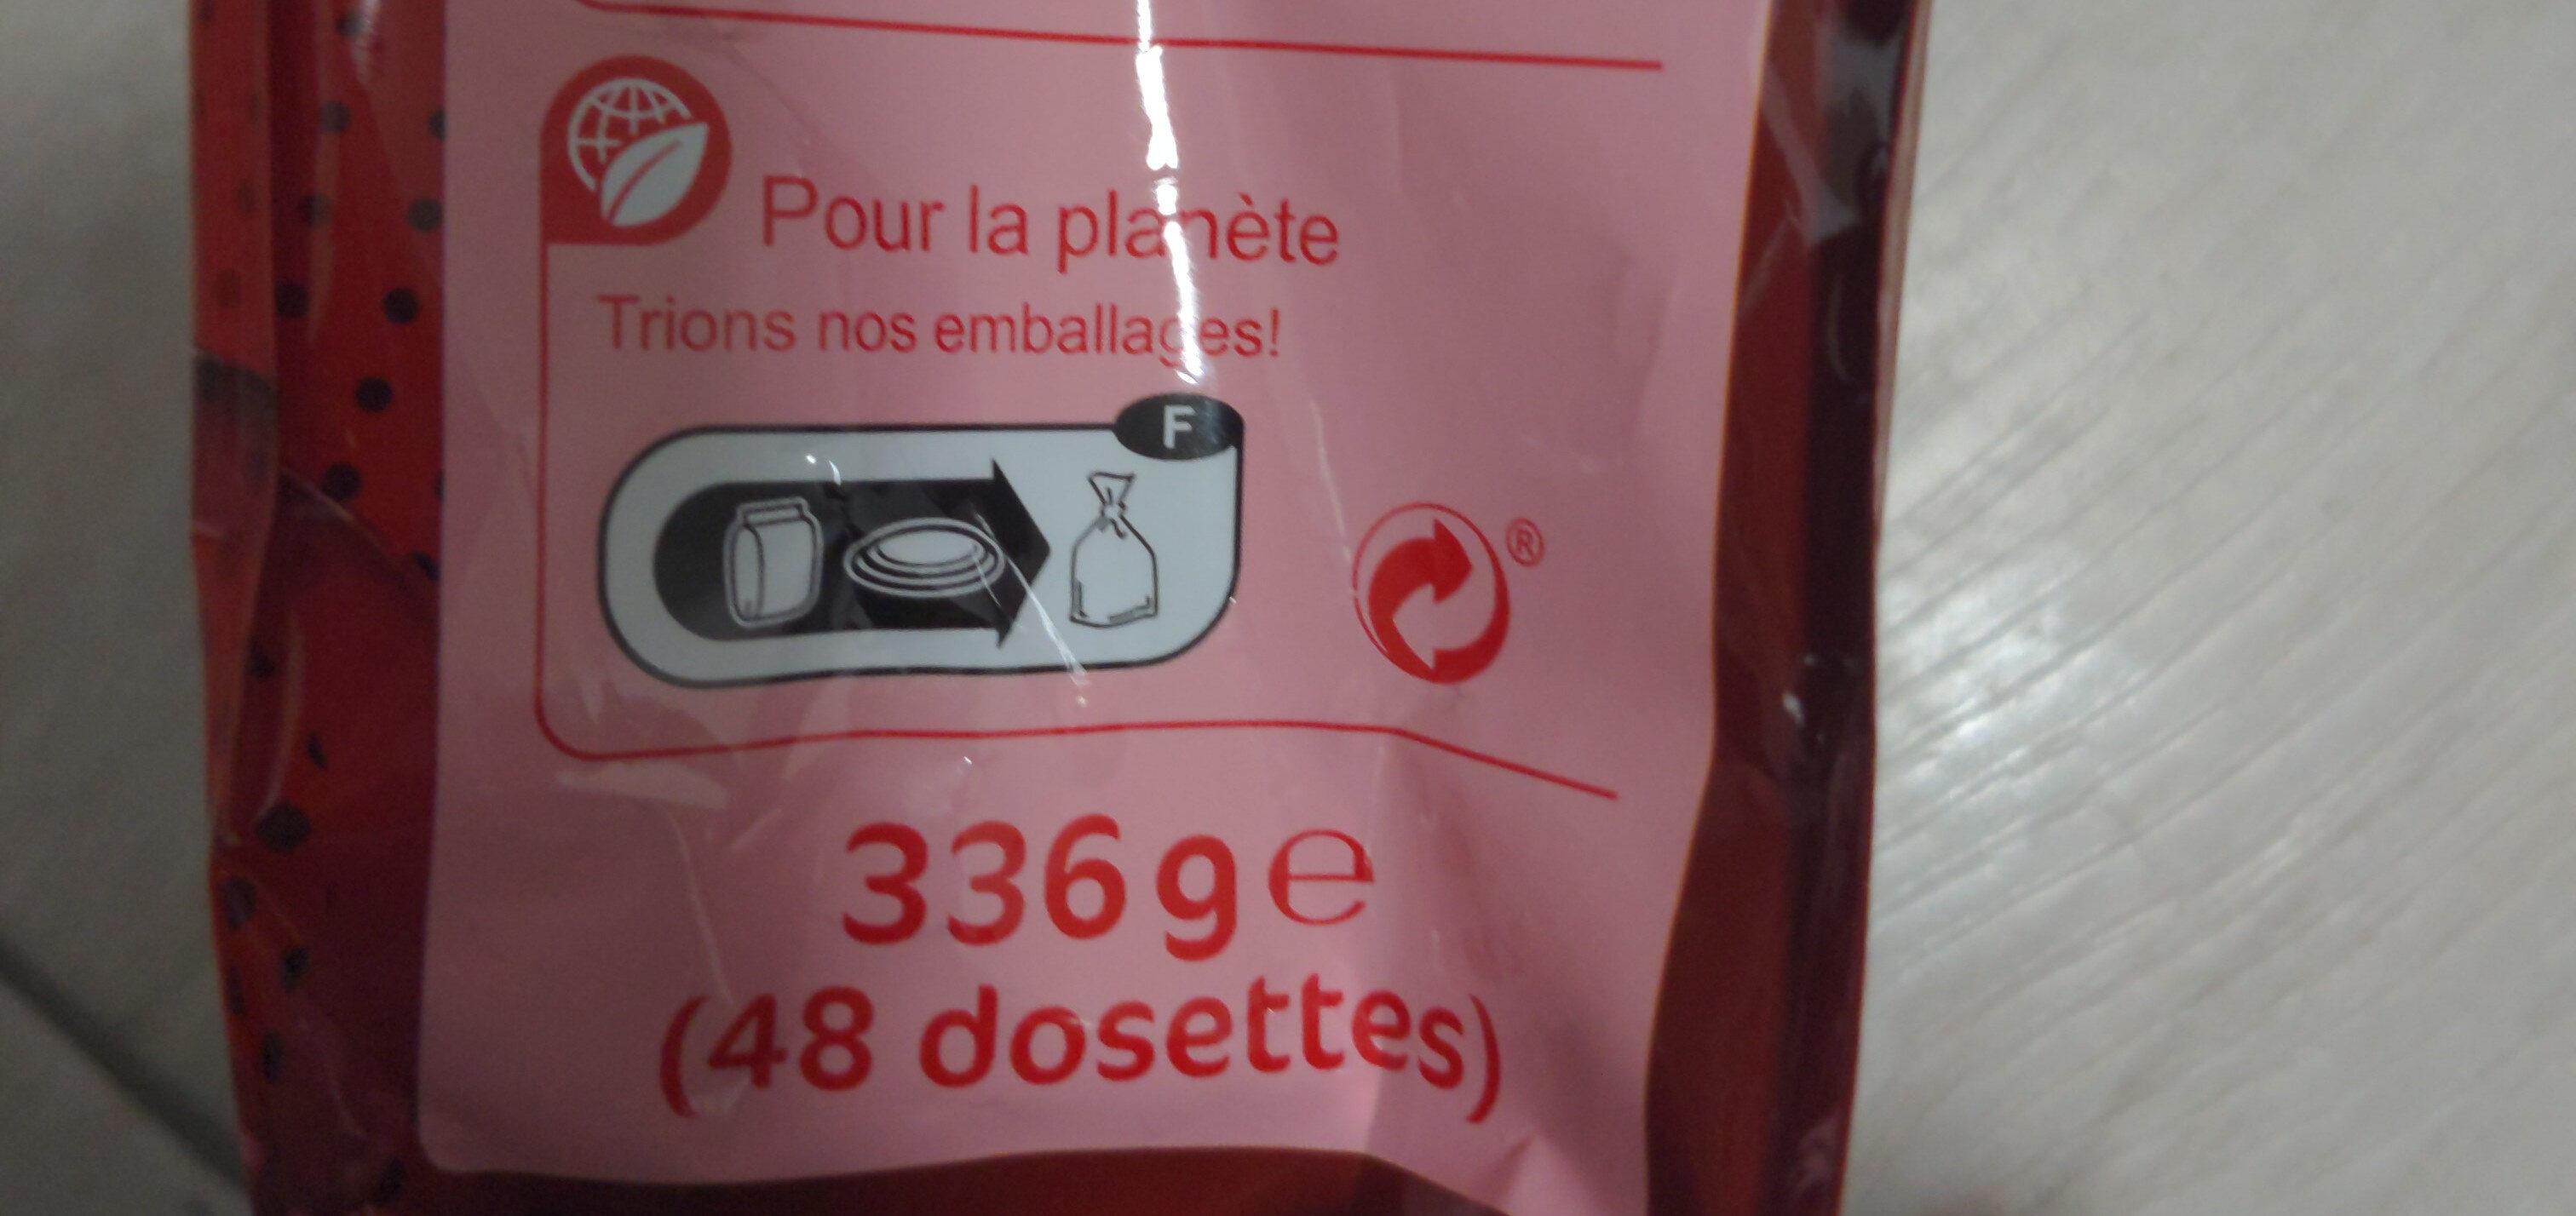 Dosettes de café - Istruzioni per il riciclaggio e/o informazioni sull'imballaggio - fr